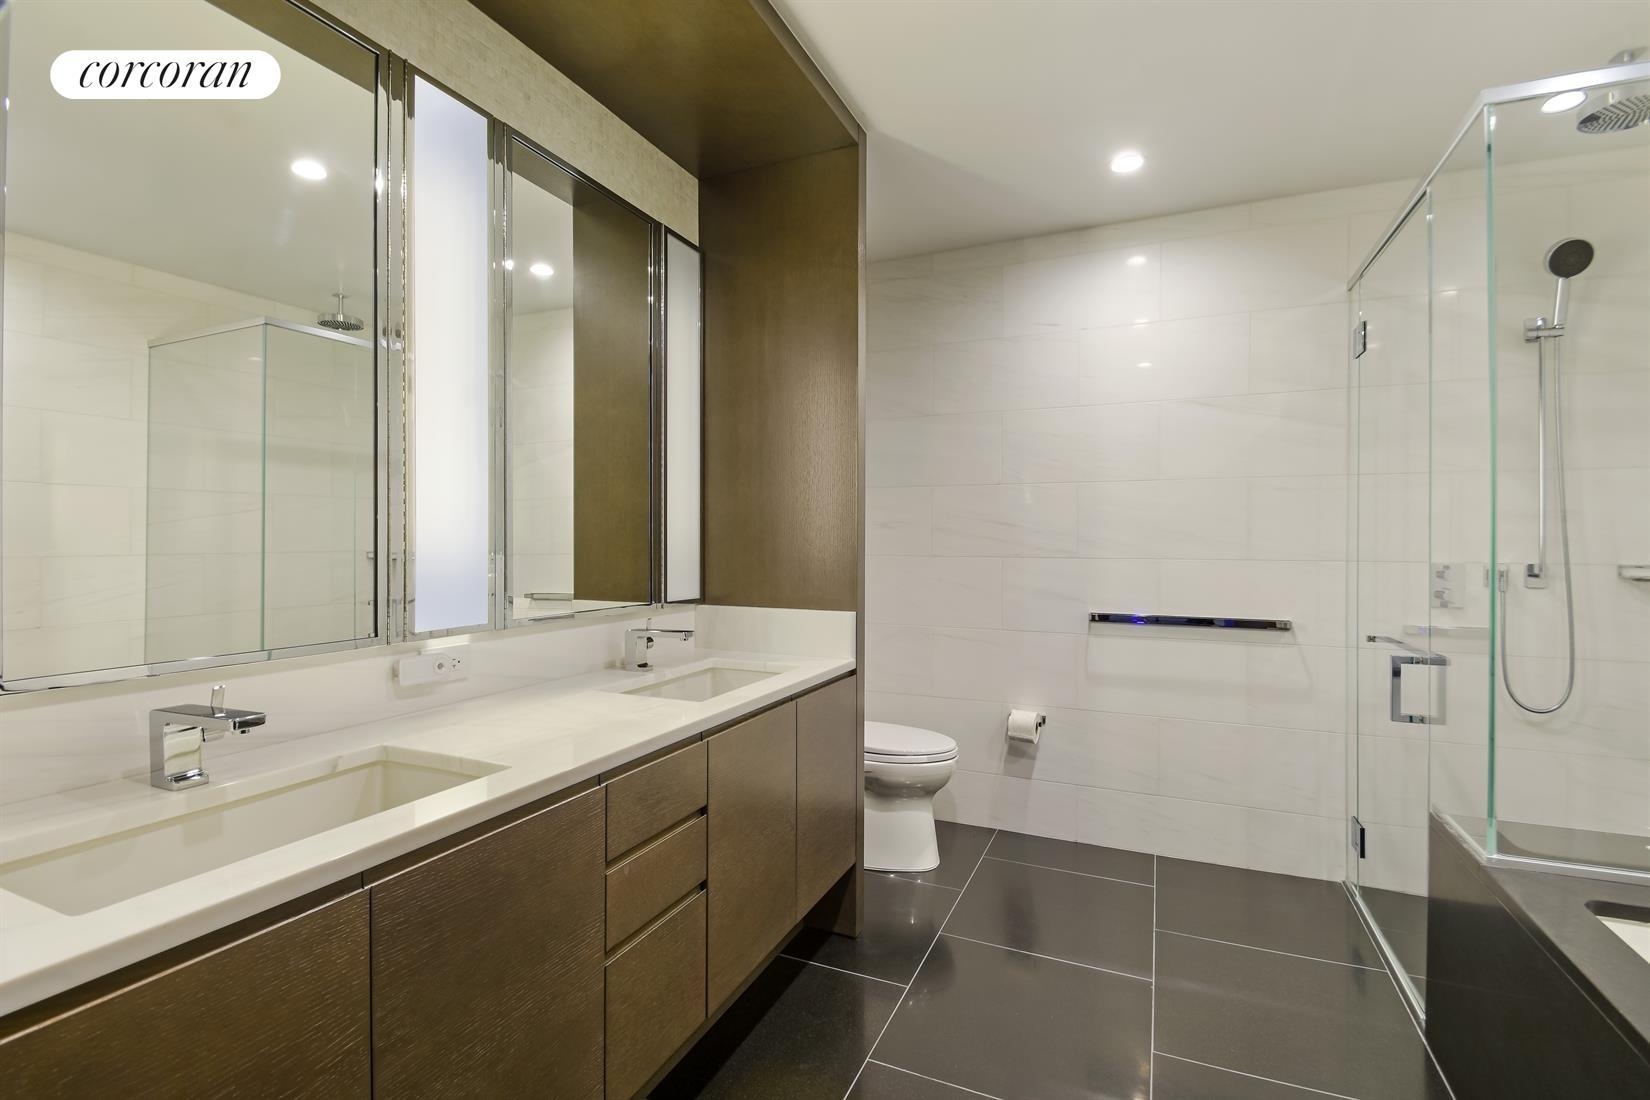 Corcoran 50 riverside blvd apt 15l upper west side for Riverside park bathrooms